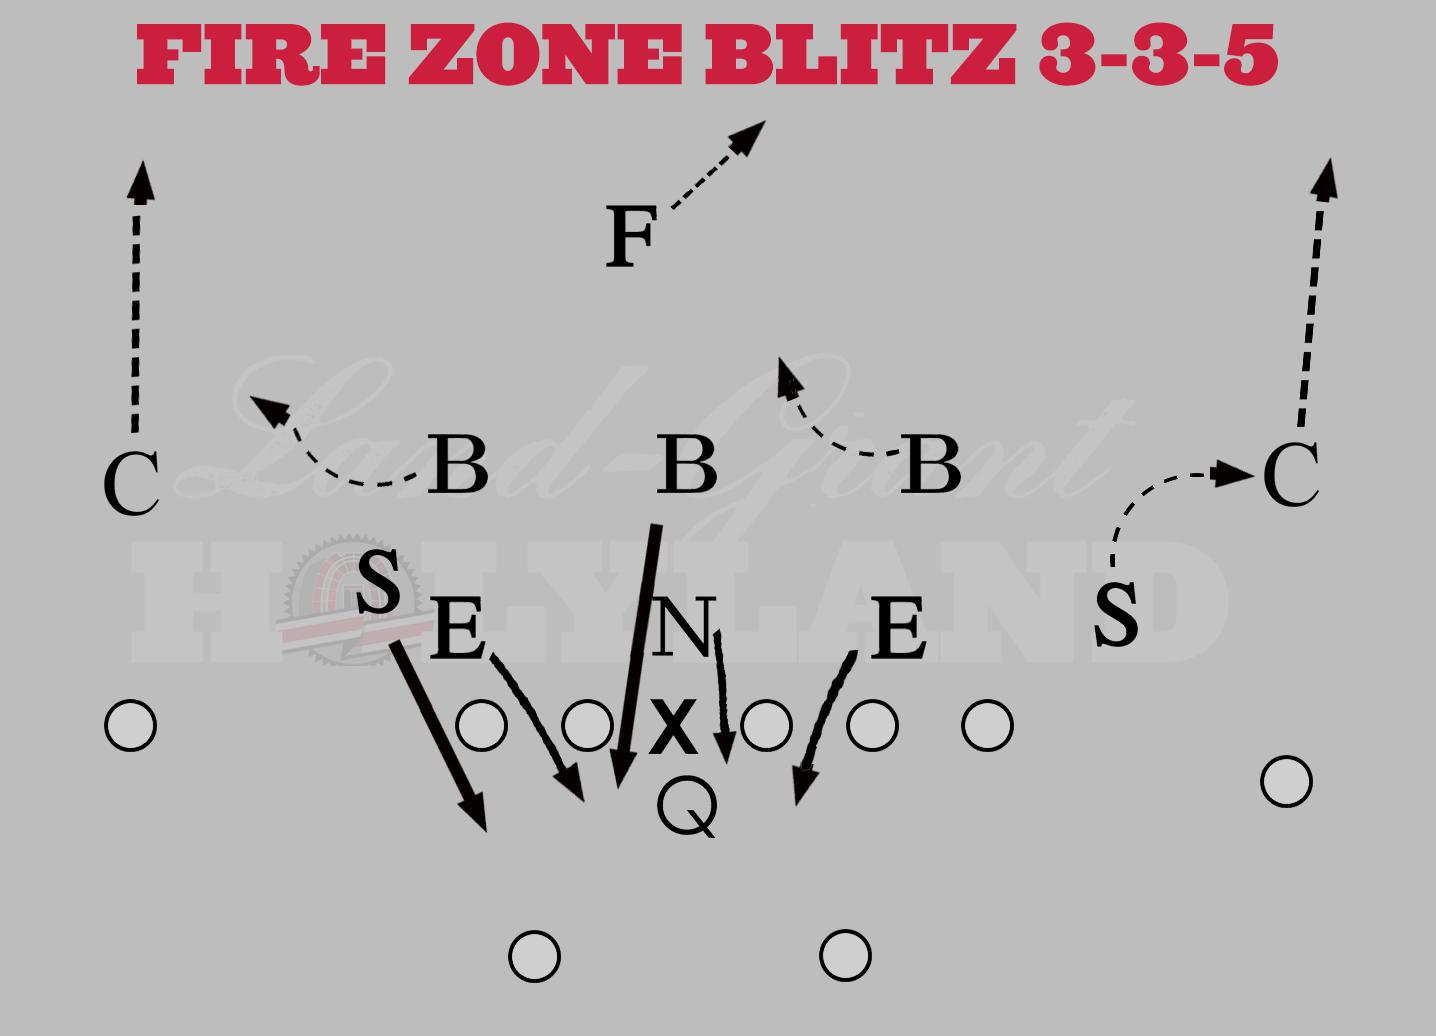 Firezone-blitz-3-3-5_medium